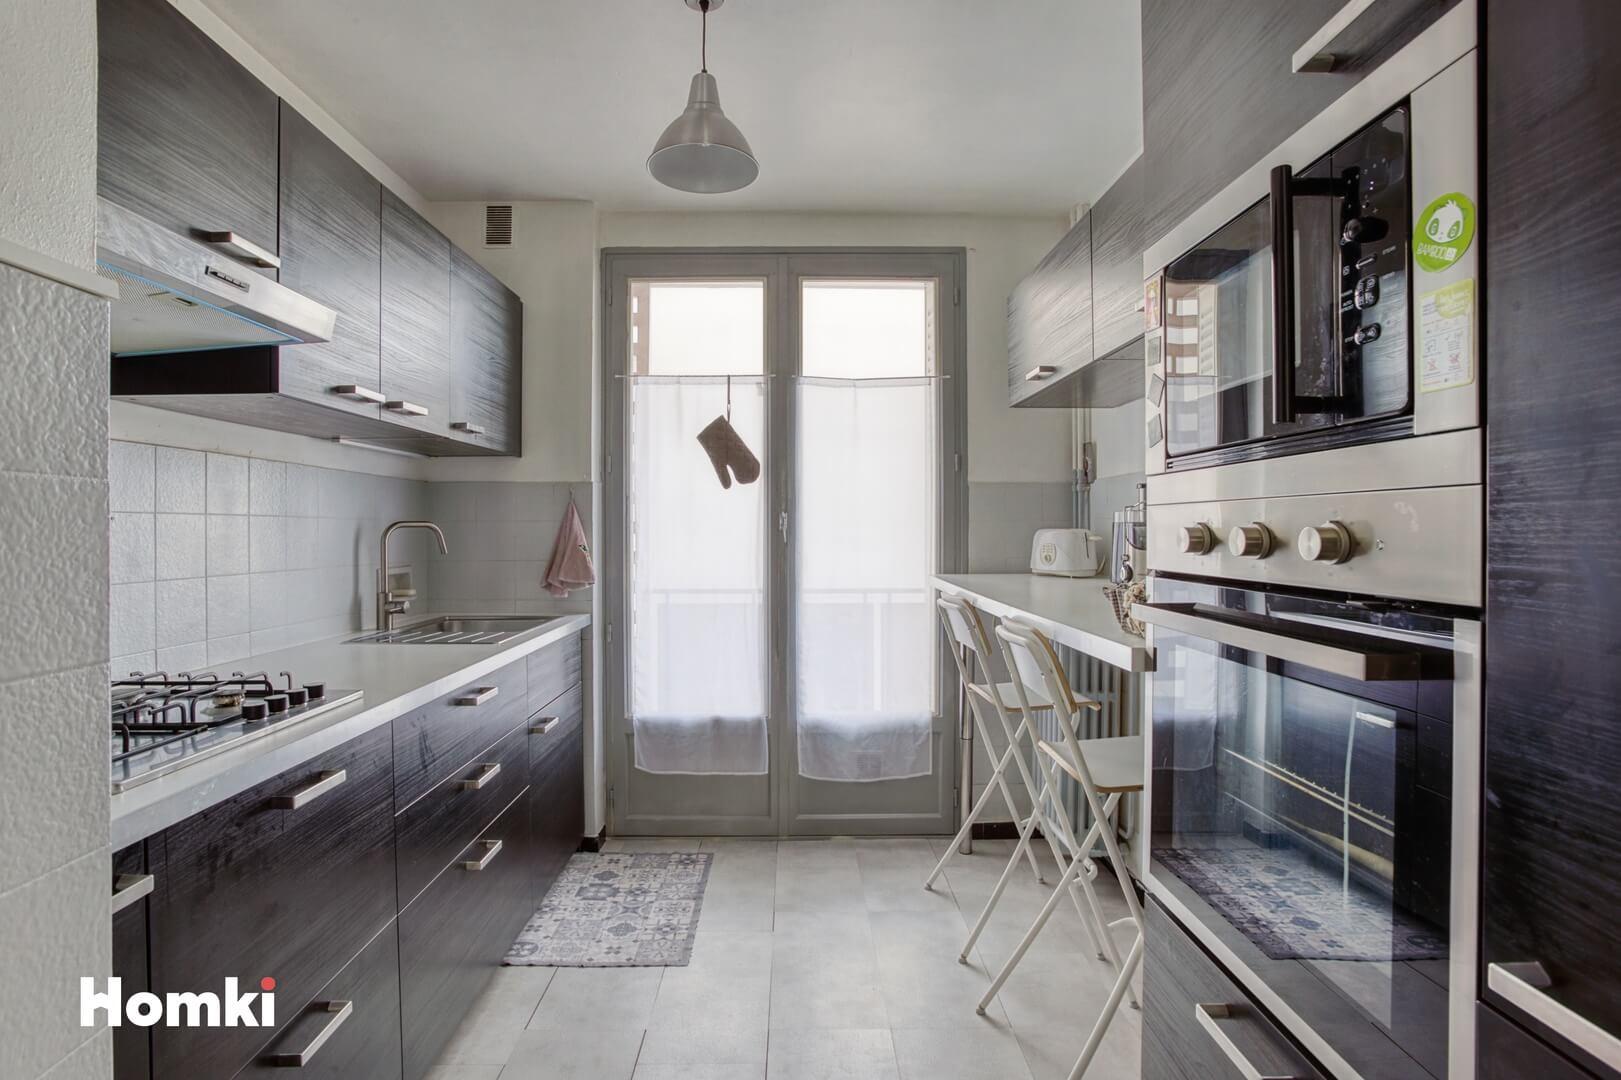 Homki - Vente Appartement  de 76.0 m² à Villeurbanne 69100